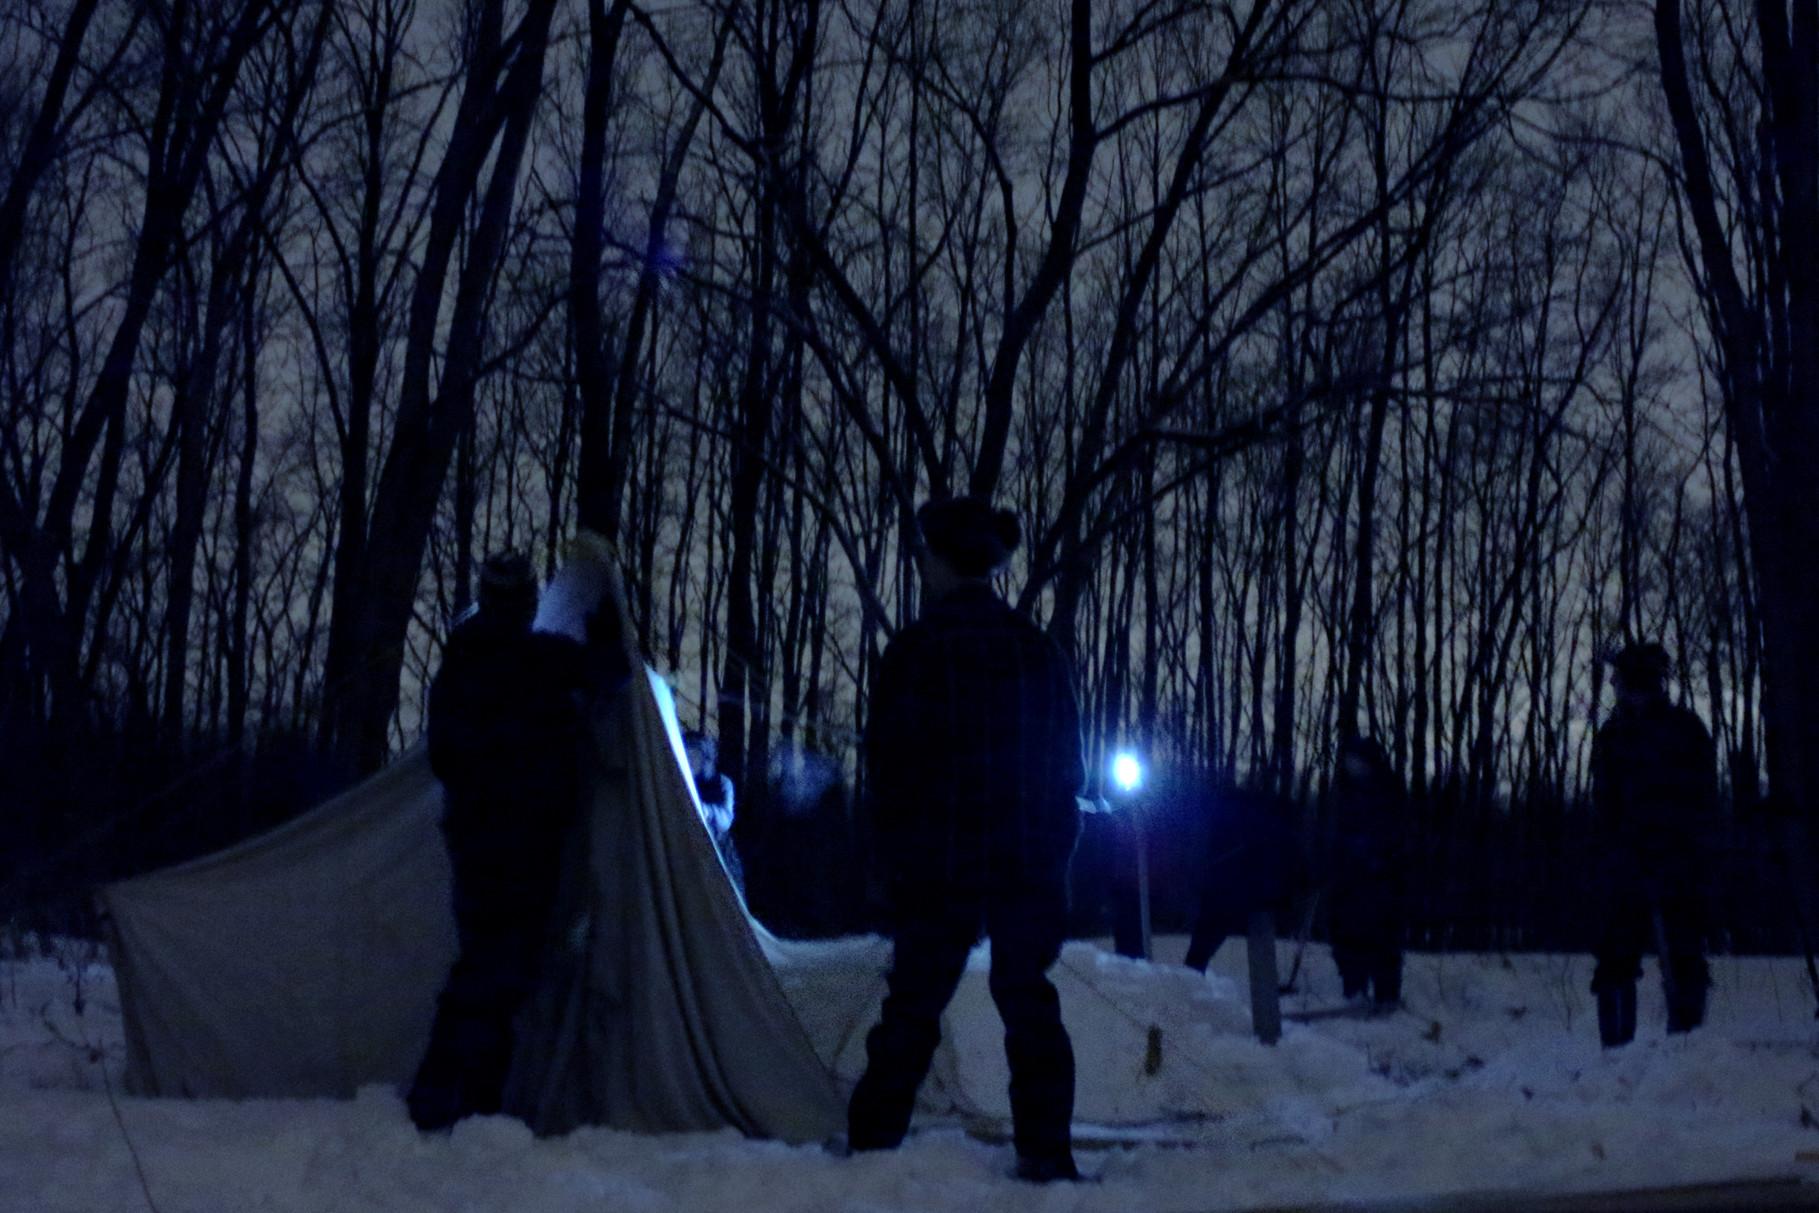 Les éclaireurs en camp d'hiver, montant leur campement à la lueur des lampes de poche